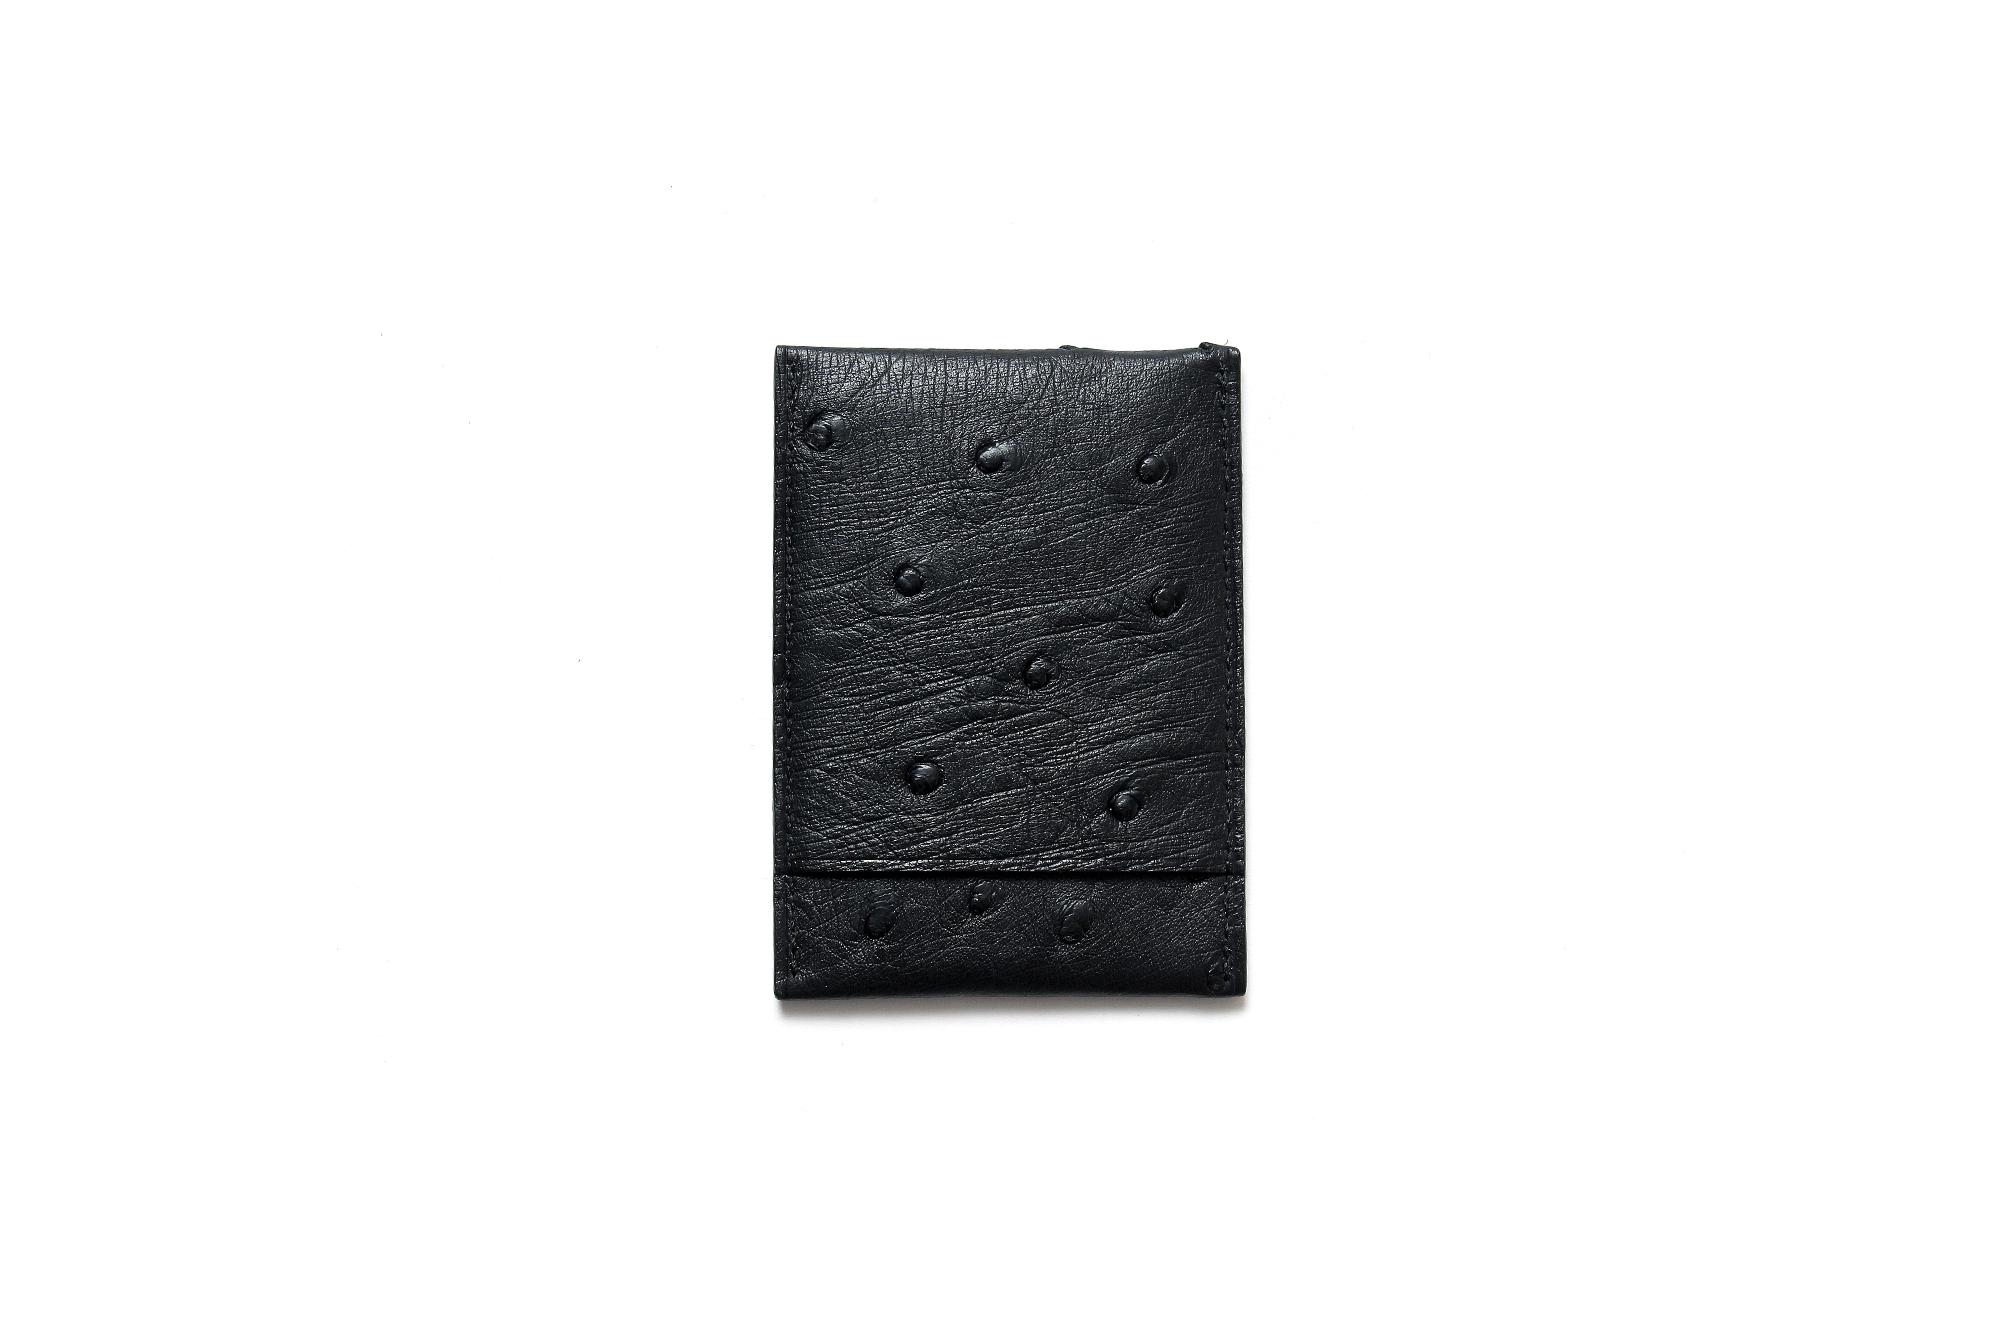 cuervo bopoha (クエルボ ヴァローナ) Thelonious (セロニアス) Ostrich Leather (オーストリッチレザー) カードケース BLACK (ブラック) Made in Japan (日本製) 2021 愛知 名古屋 Alto e Diritto altoediritto アルトエデリット エキゾチックレザー